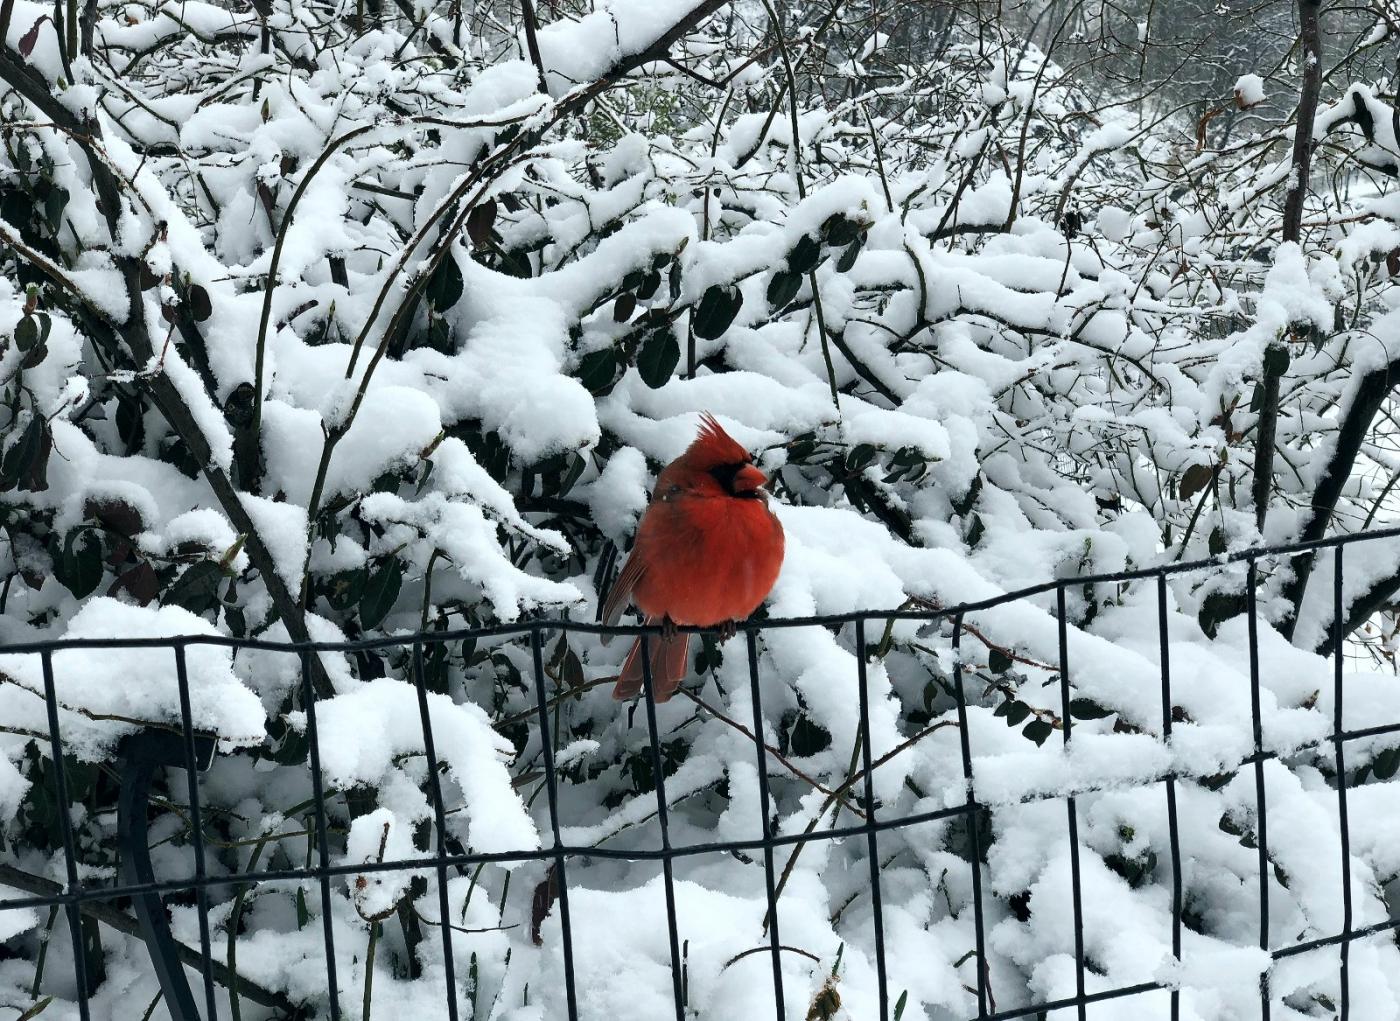 【田螺手机摄影】在纽约市拍雪景、还是中央公园最漂亮_图1-25